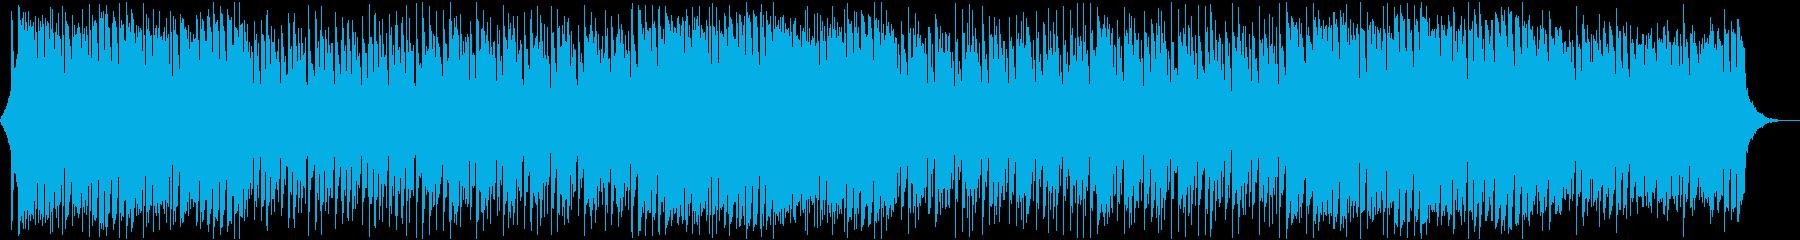 エレクトロ・ノリノリ・コミカルの再生済みの波形